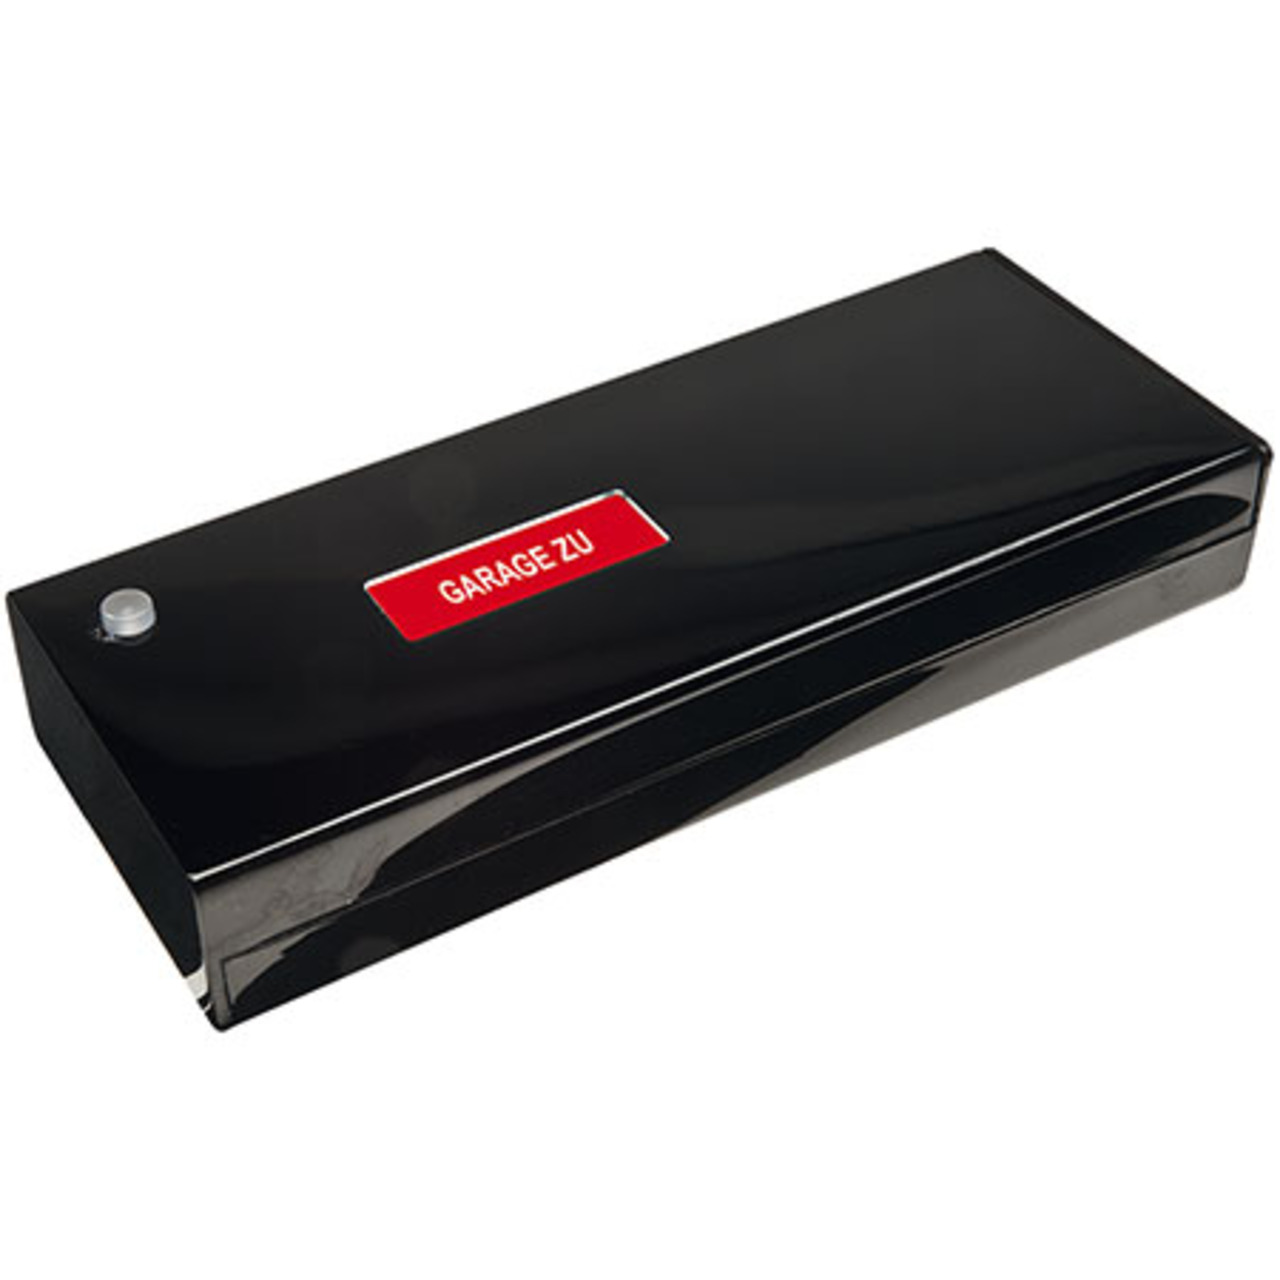 ELV Homematic Bausatz Statusanzeige mit Batteriebetrieb und Klappanzeige HM-Dis-TD-T